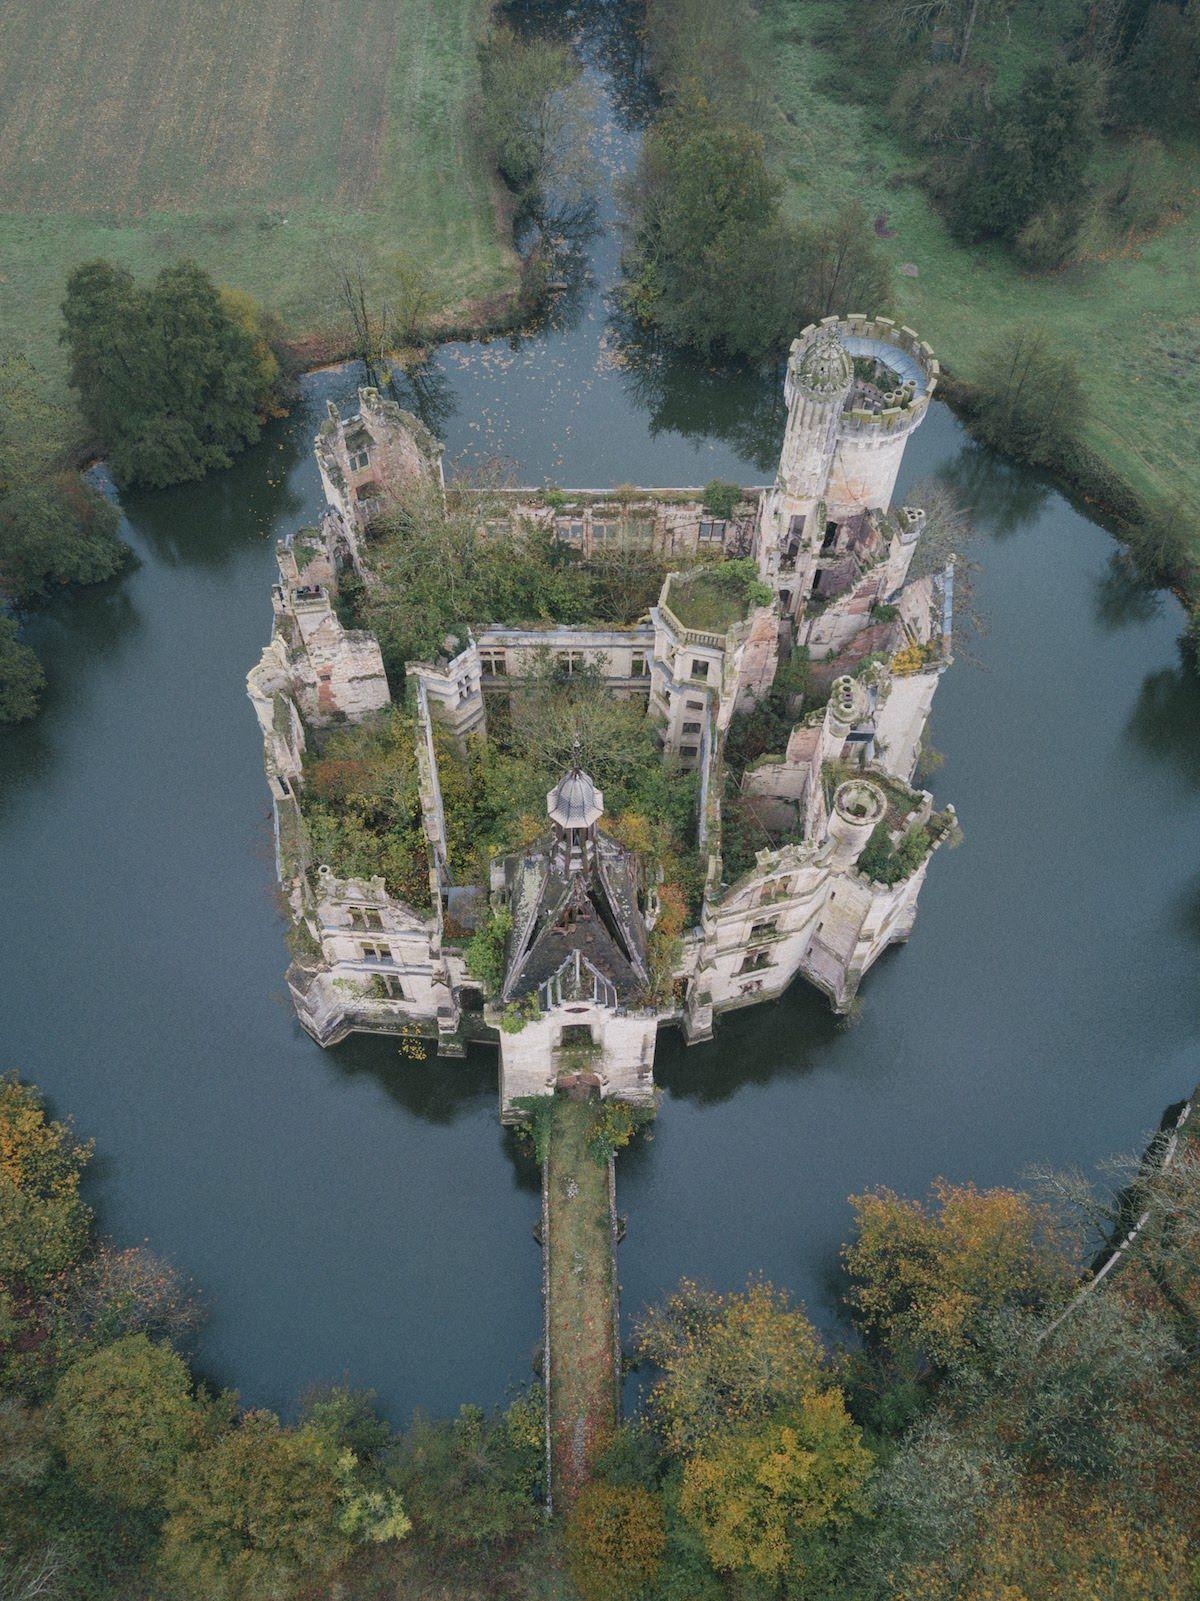 Château de la Mothe-Chandeniers France #castles